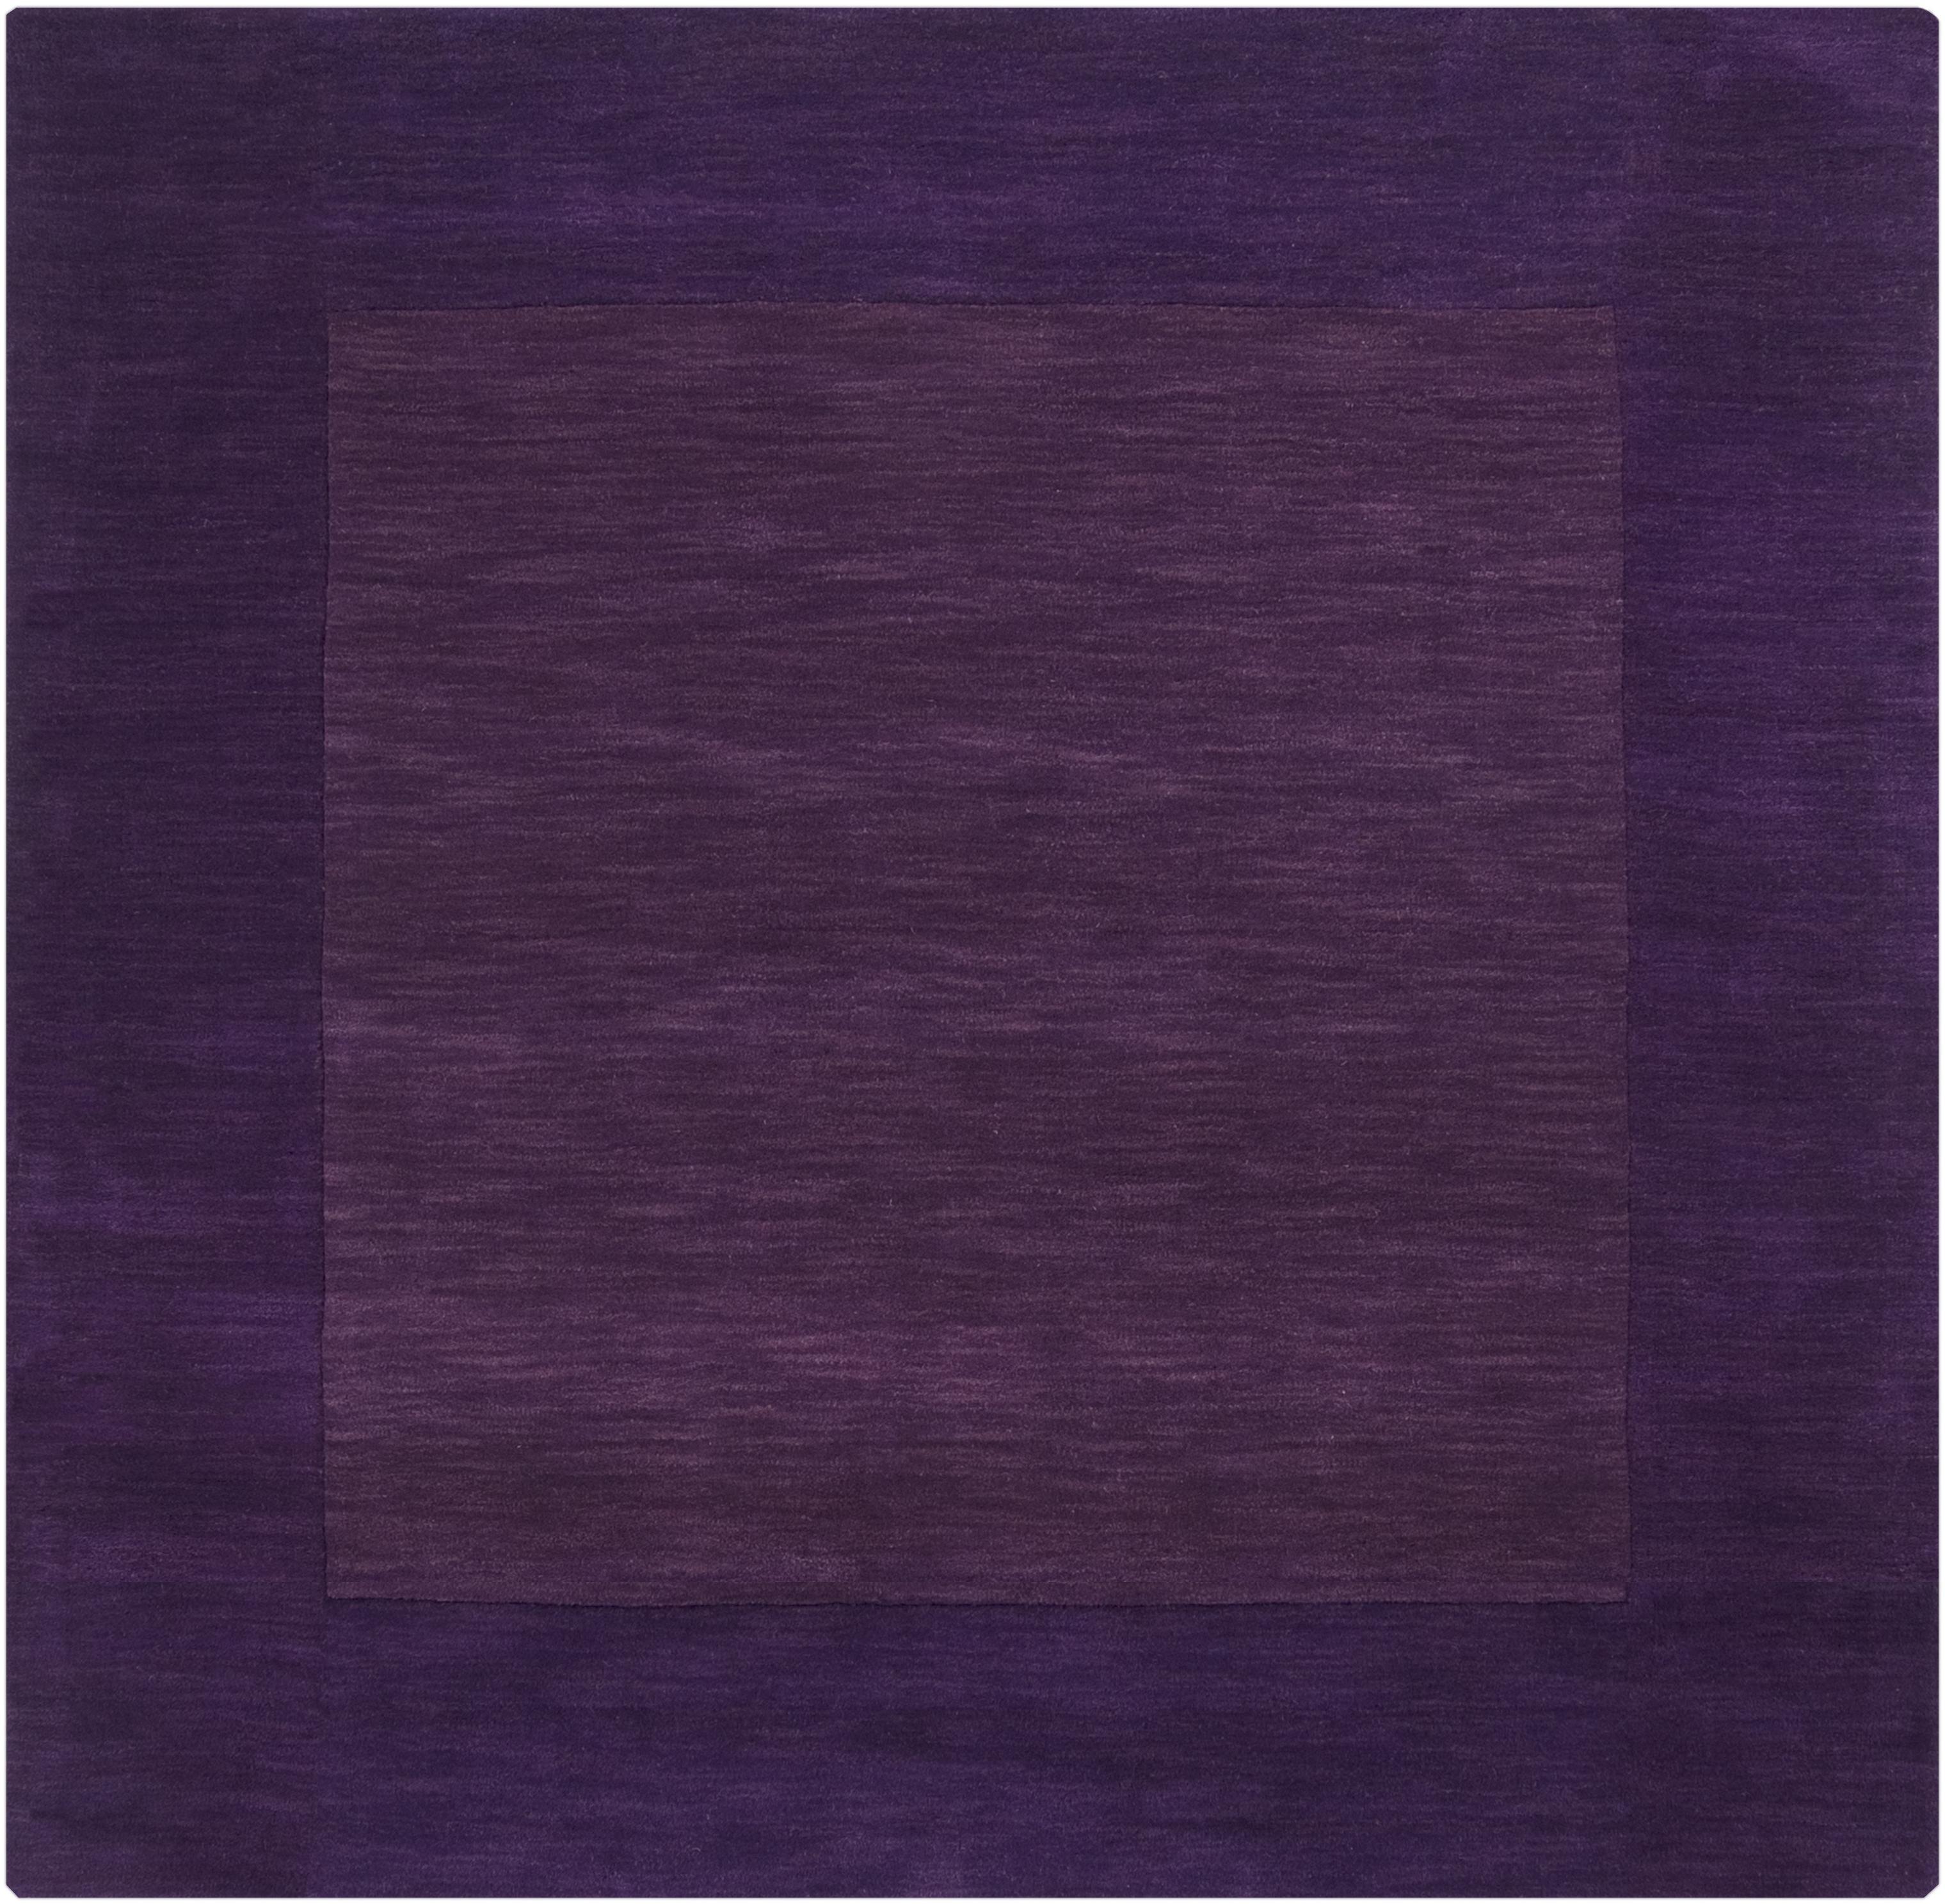 Surya Rugs Mystique 6' Square - Item Number: M349-6SQ